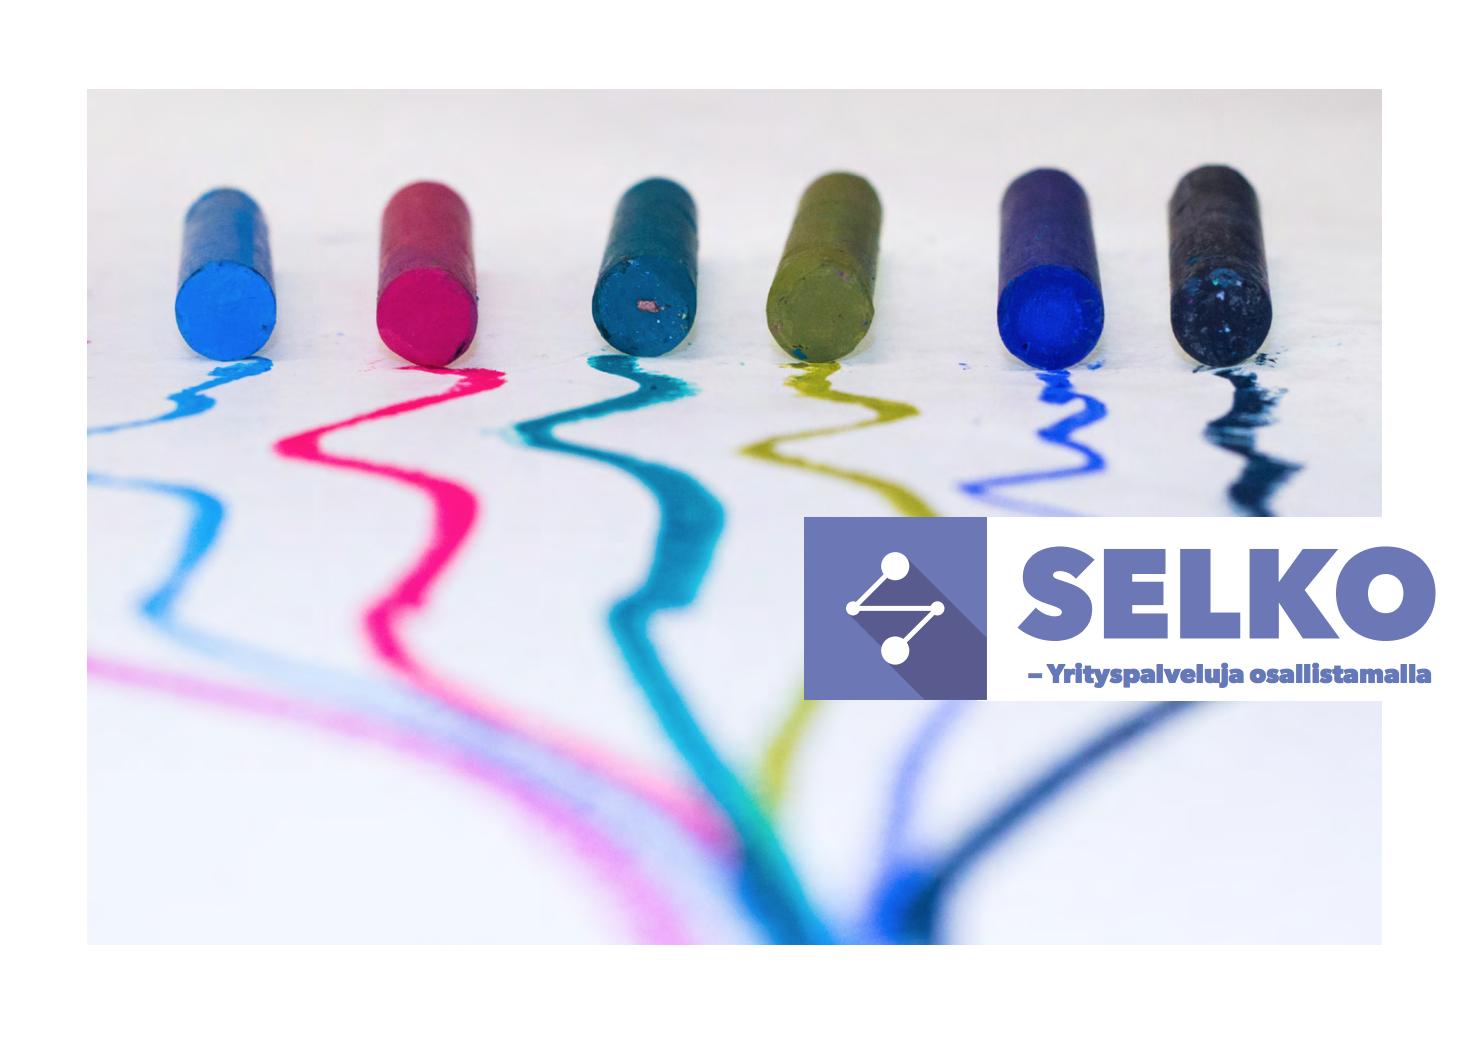 Cover for article 'SELKO – Yrityspalveluja osallistamalla'